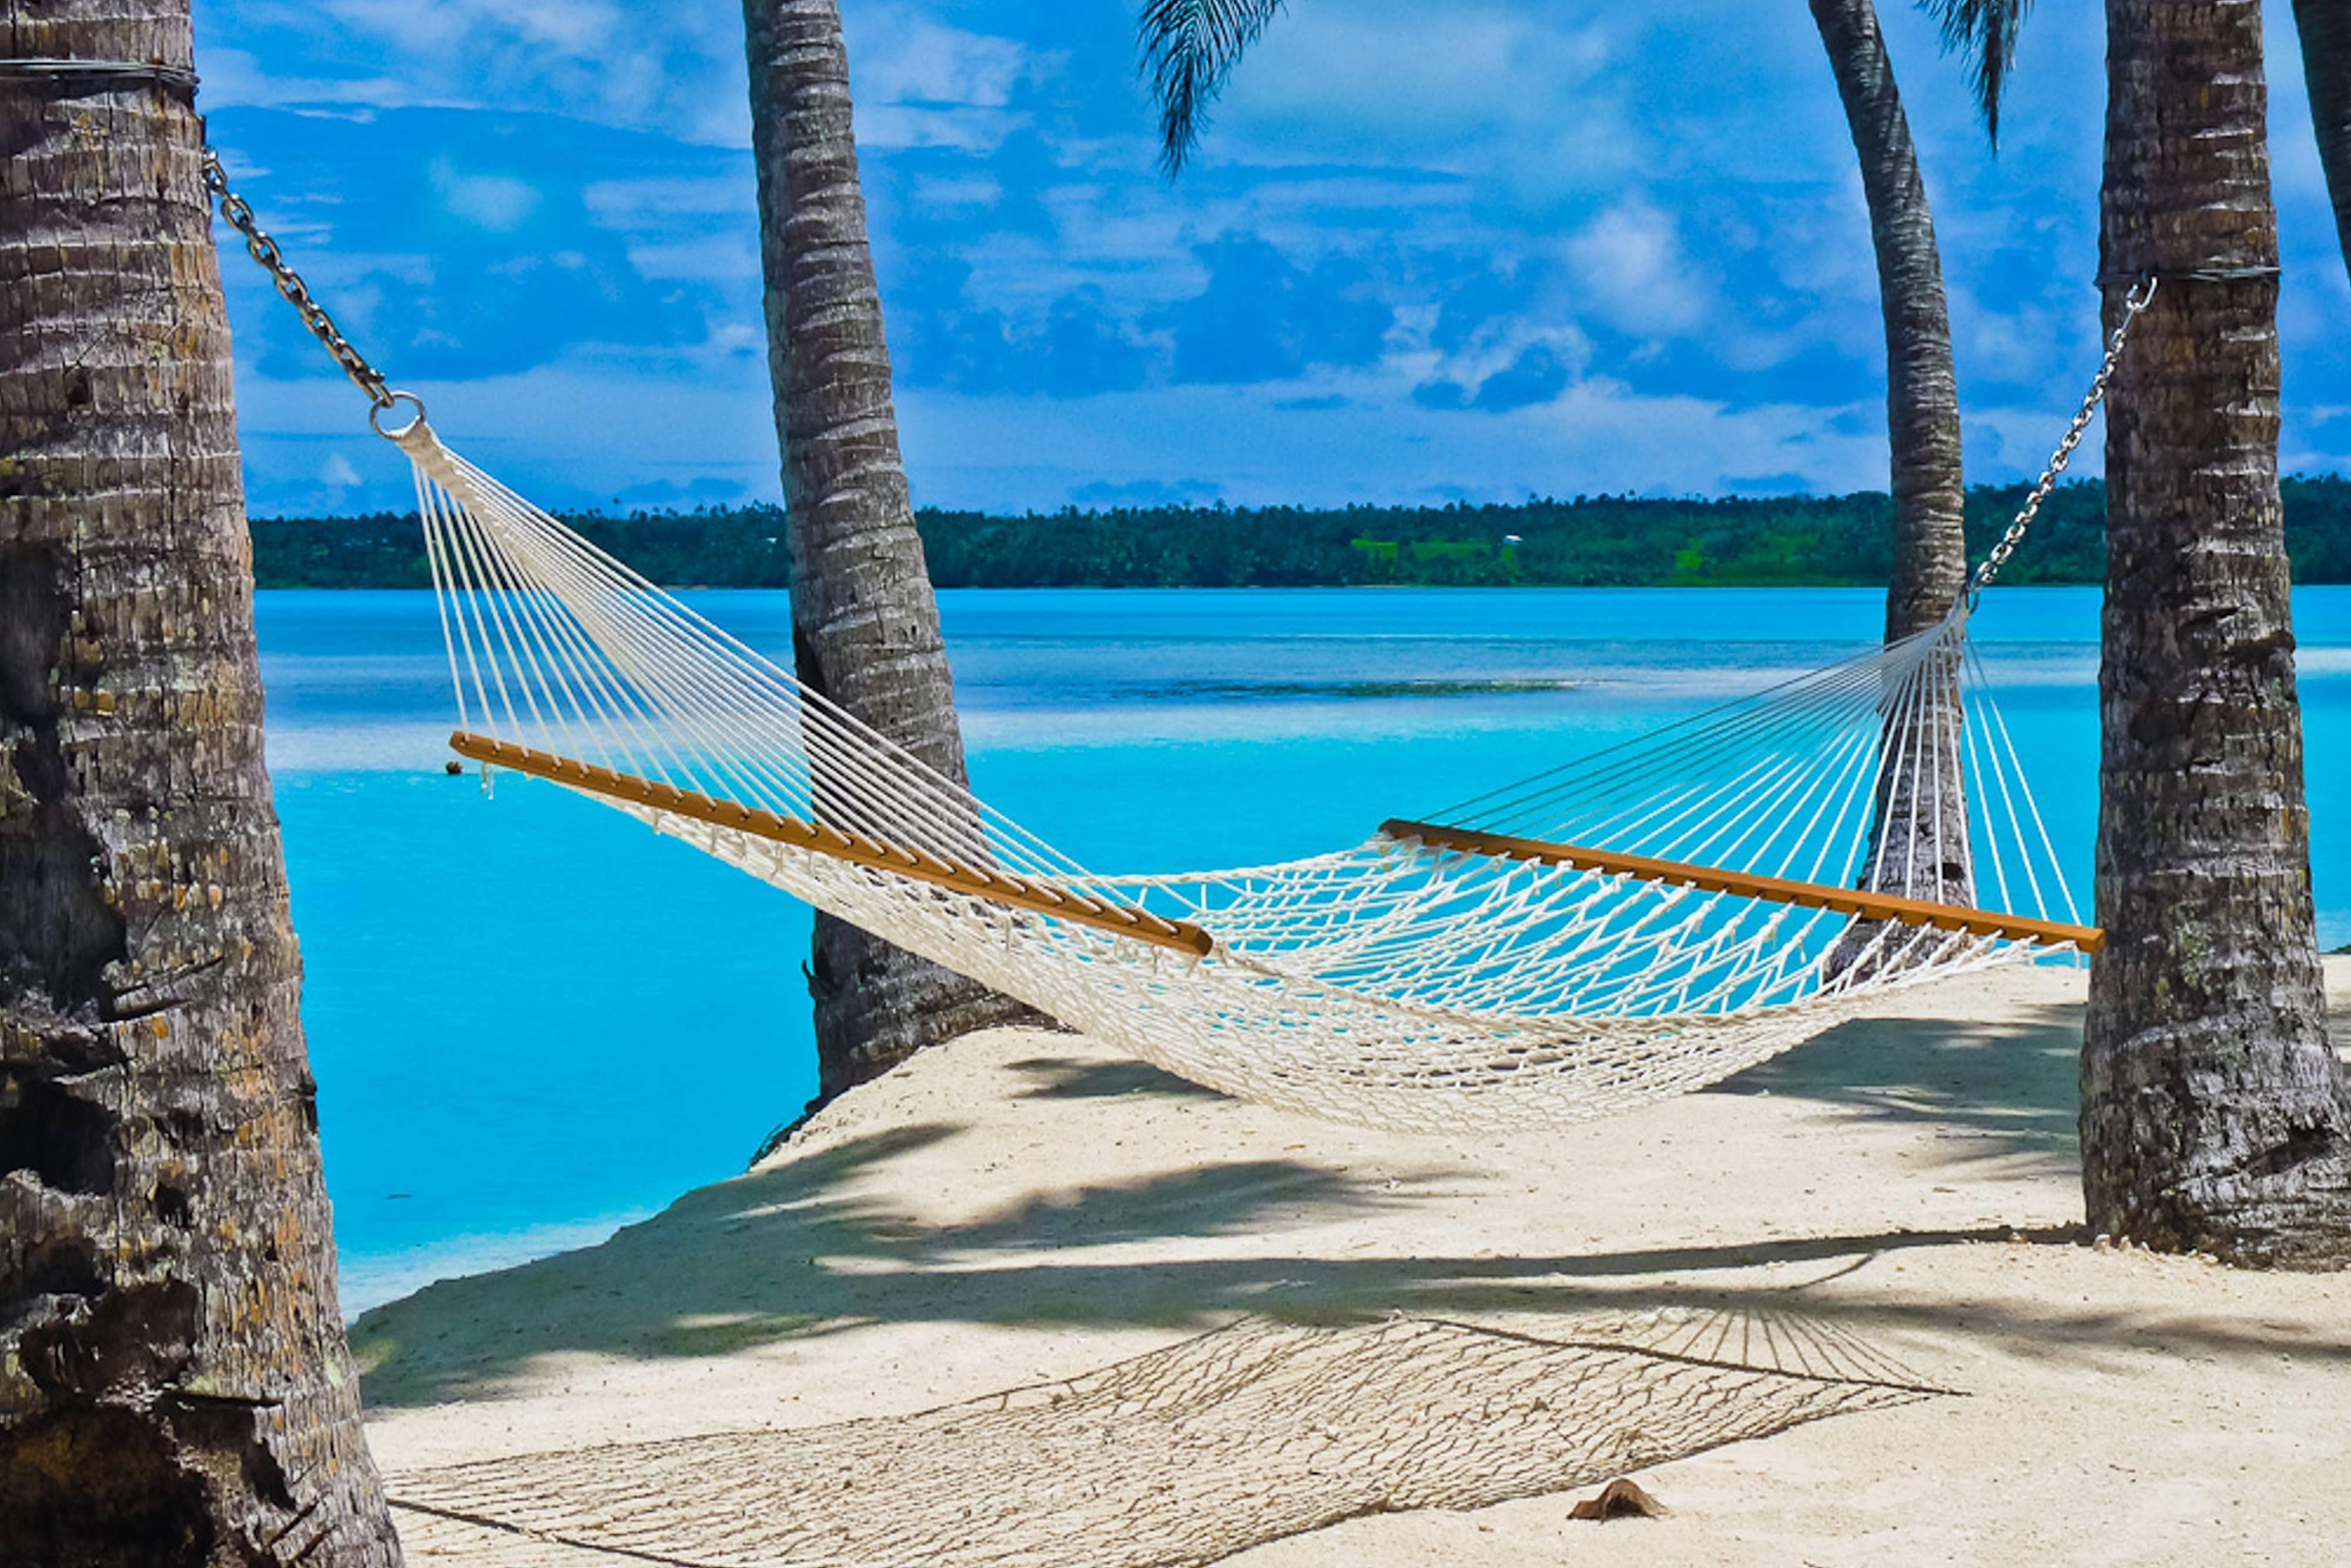 Earth - Beach Umbrella Chair Turquoise Mountain Ocean Earth Wallpaper